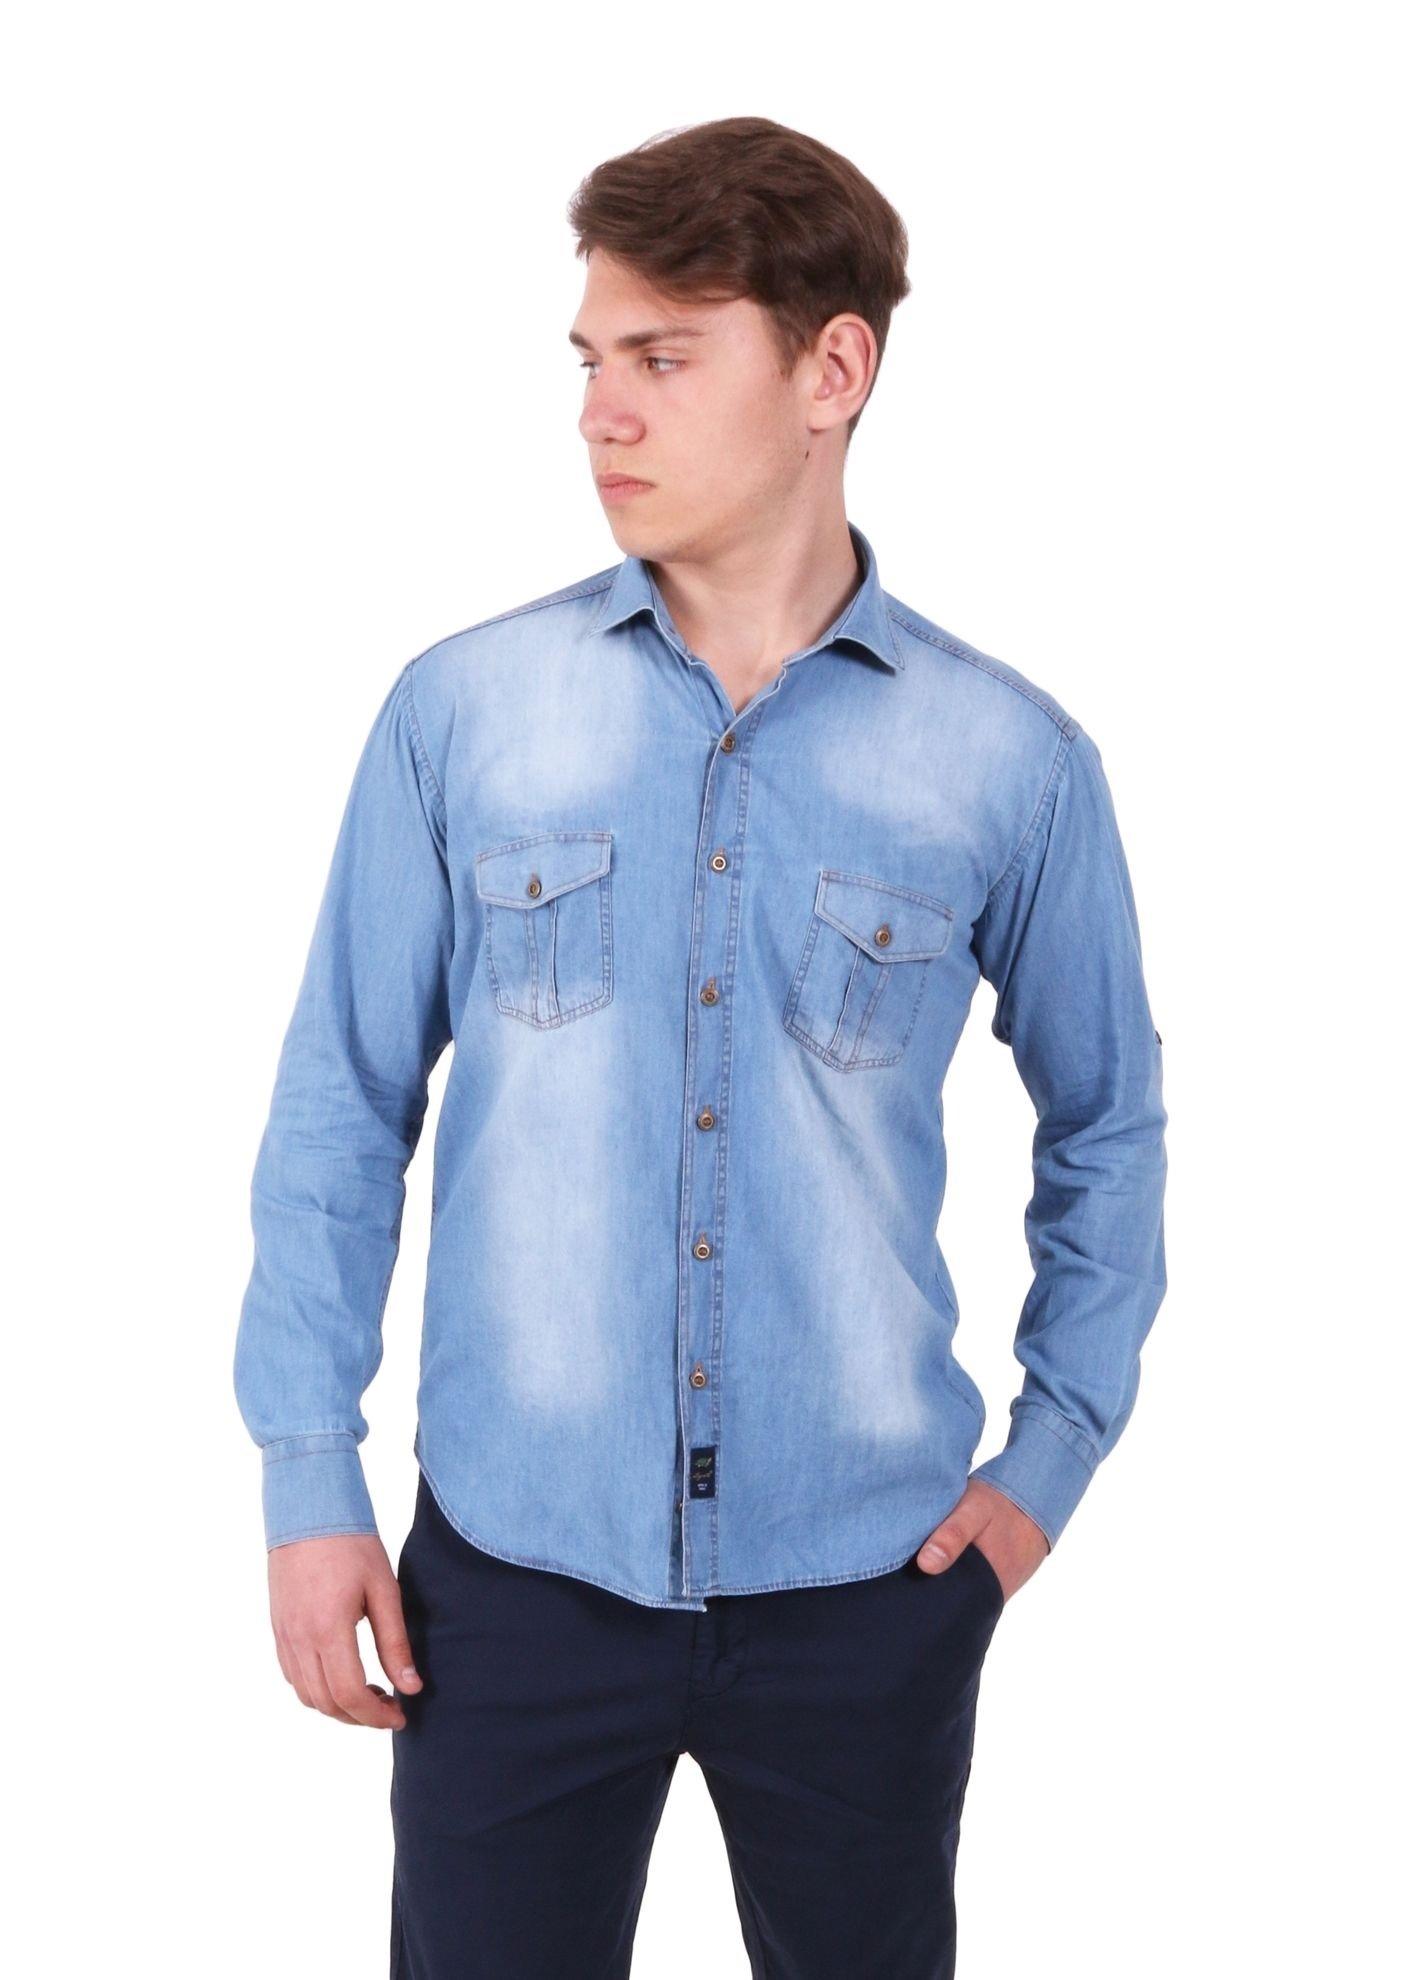 Джинсовая рубашка с рукавом трансформером (Арт. Т 2079-1)